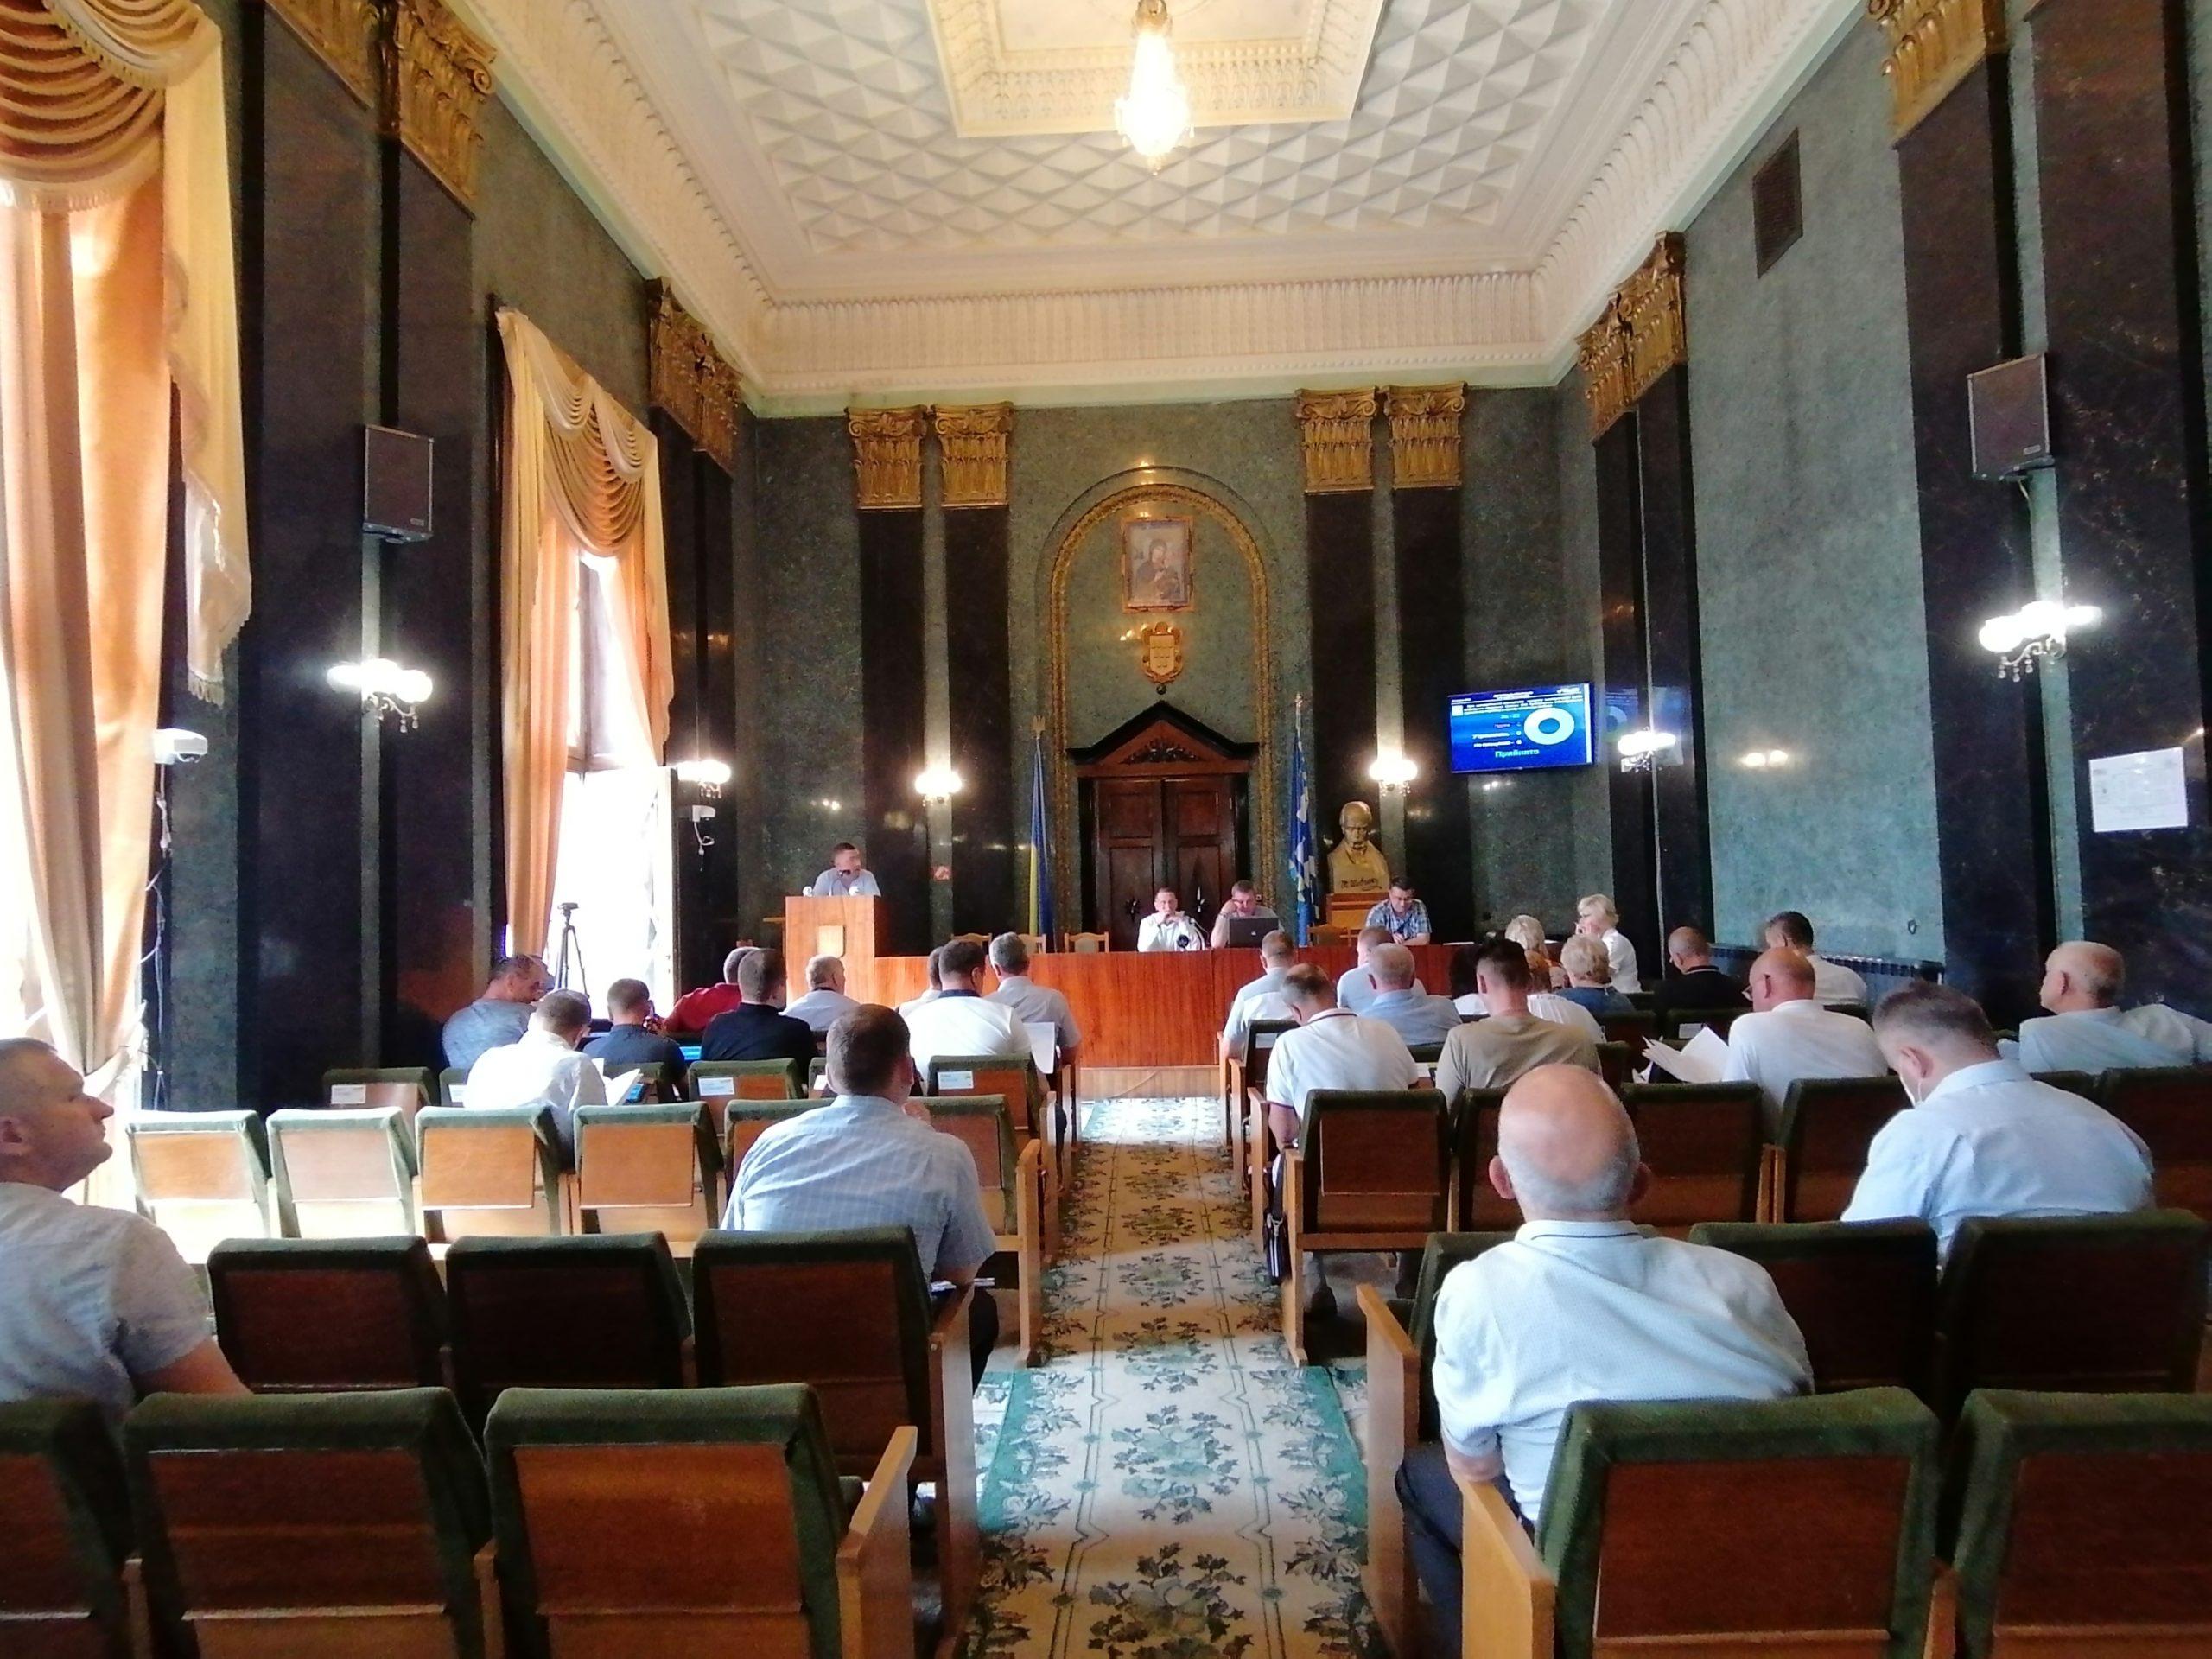 Депутату Оресту Саламасі висловили недовіру: Депутати ДМР підтримали петицію громади